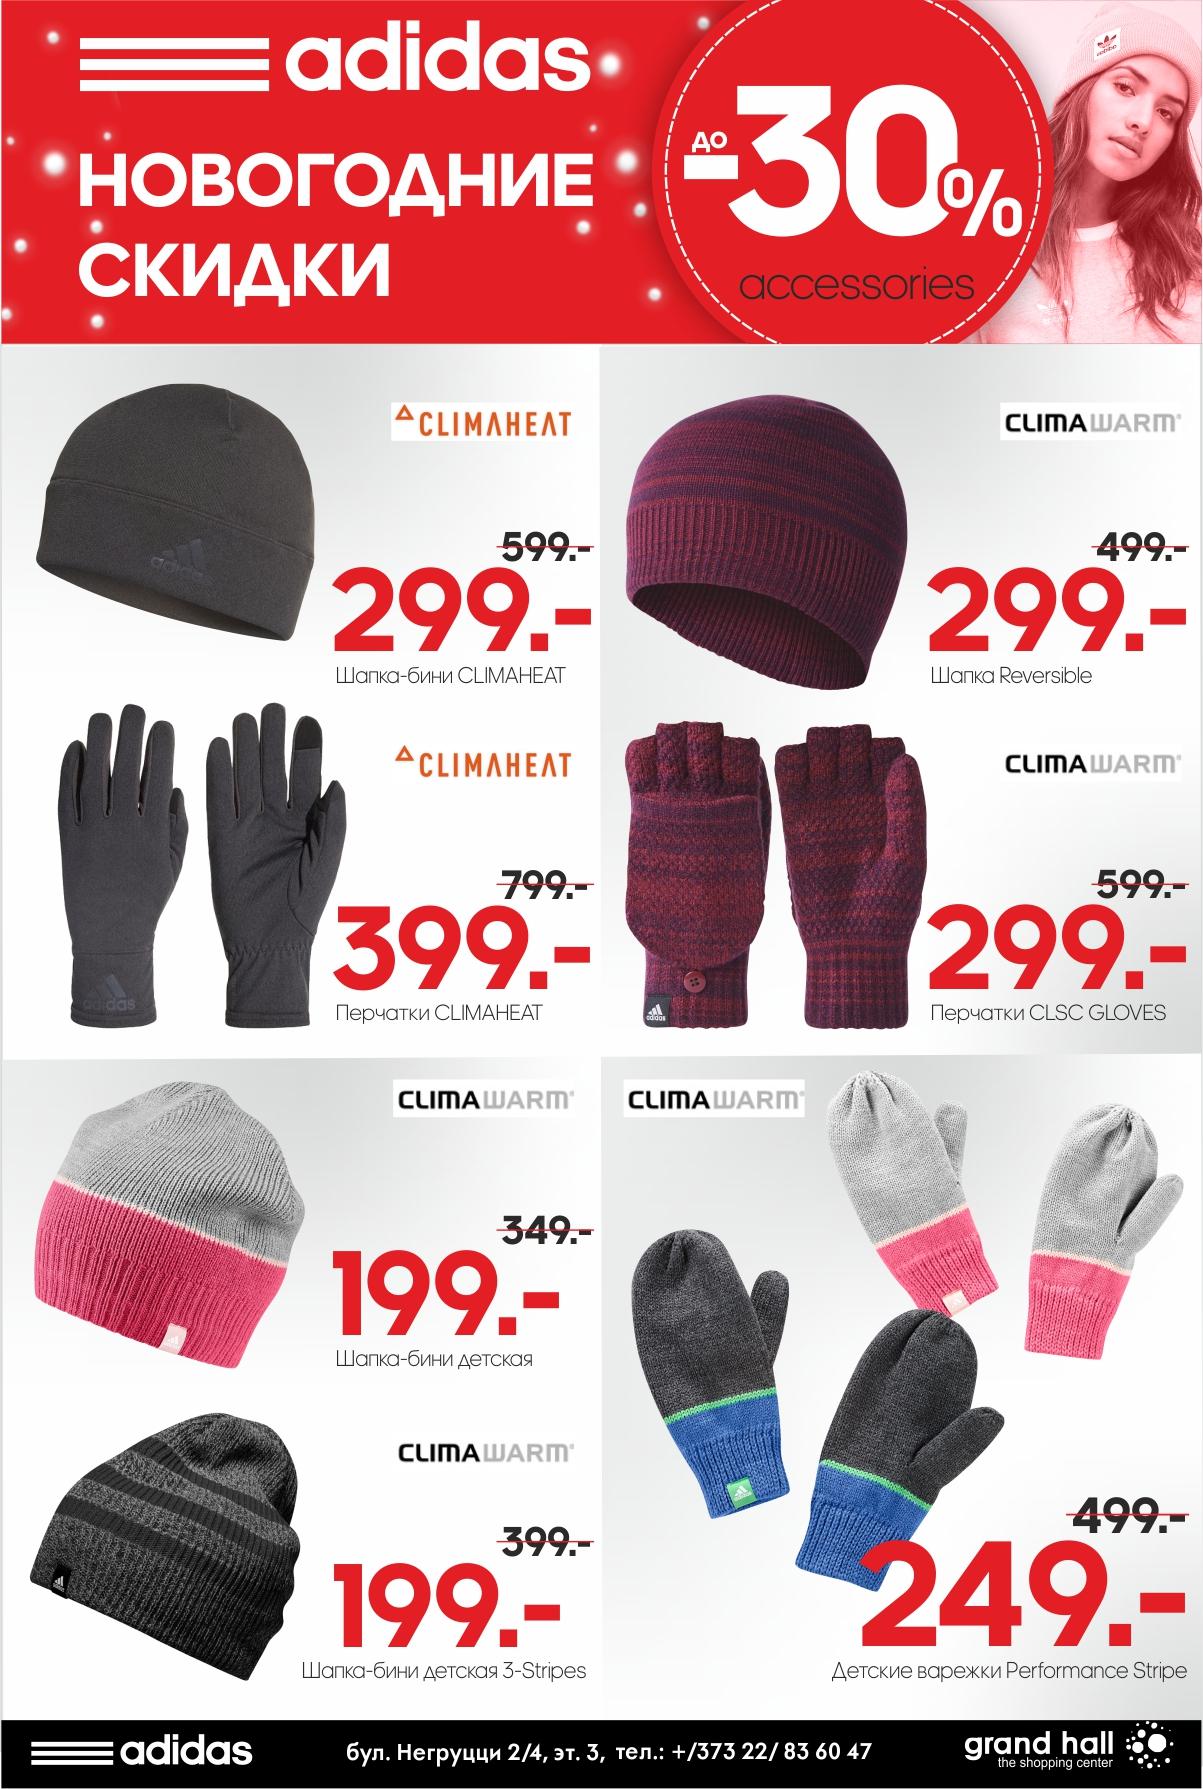 221c92f3f5f5 Торопитесь, в фирменном магазине adidas стартовали новогодние скидки до  30%. Ждем Вас в в ТРЦ Grand Hall, 3